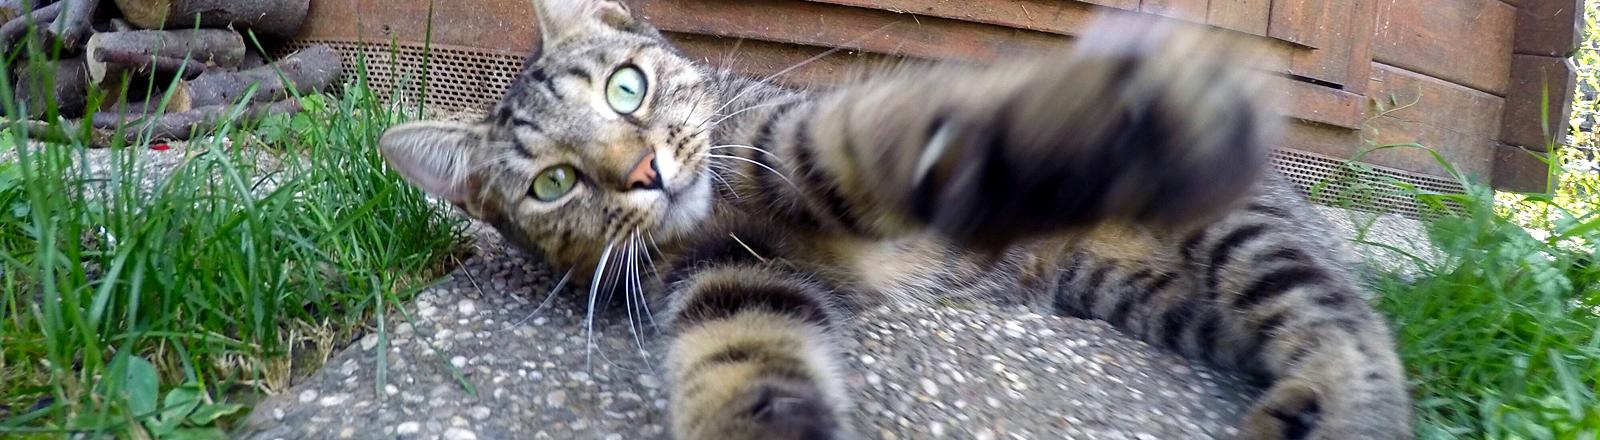 Katze streckt ihre Pfoten aus.